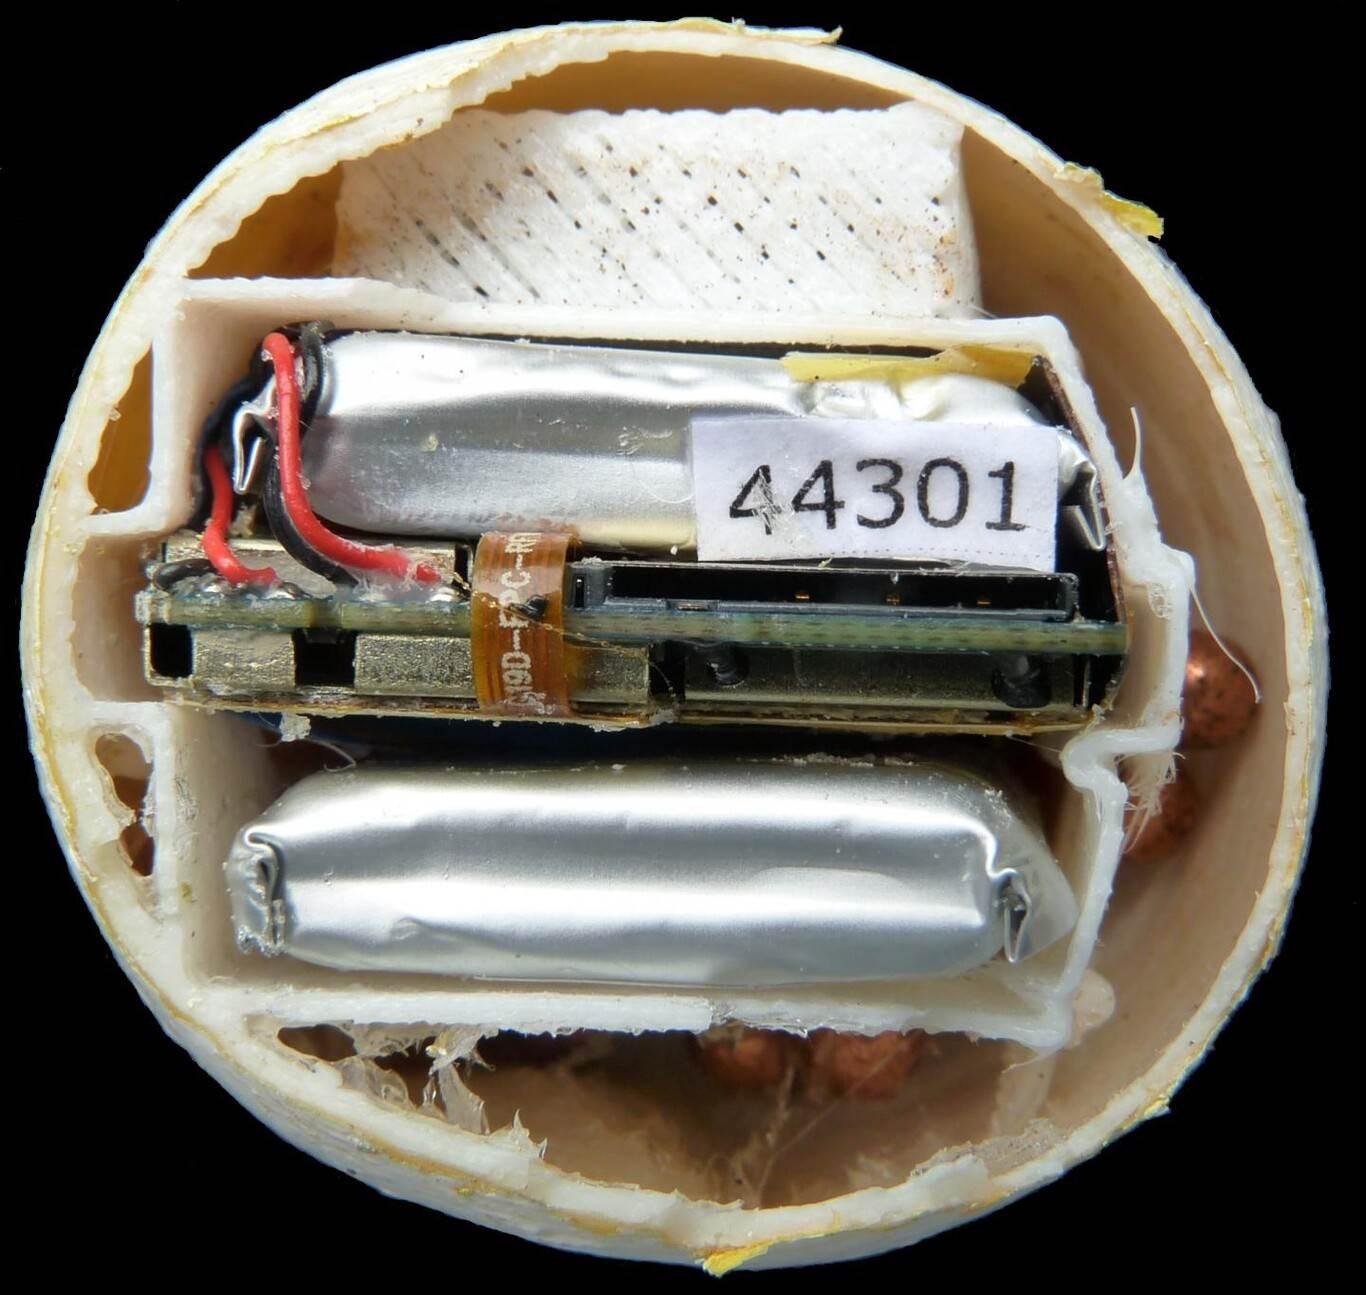 Detalle del interior del huevo artificial con GPS. (Foto: Helen Pheasey)